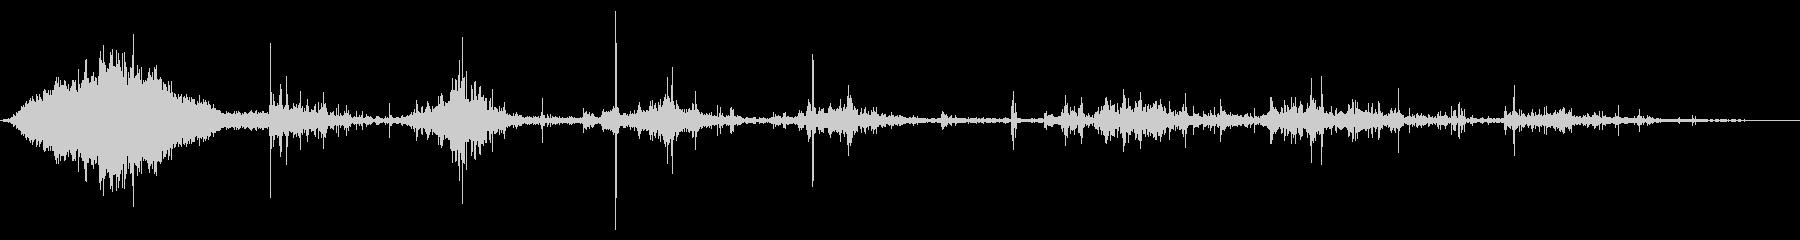 アルミニウムカヌー:シングルパドラ...の未再生の波形